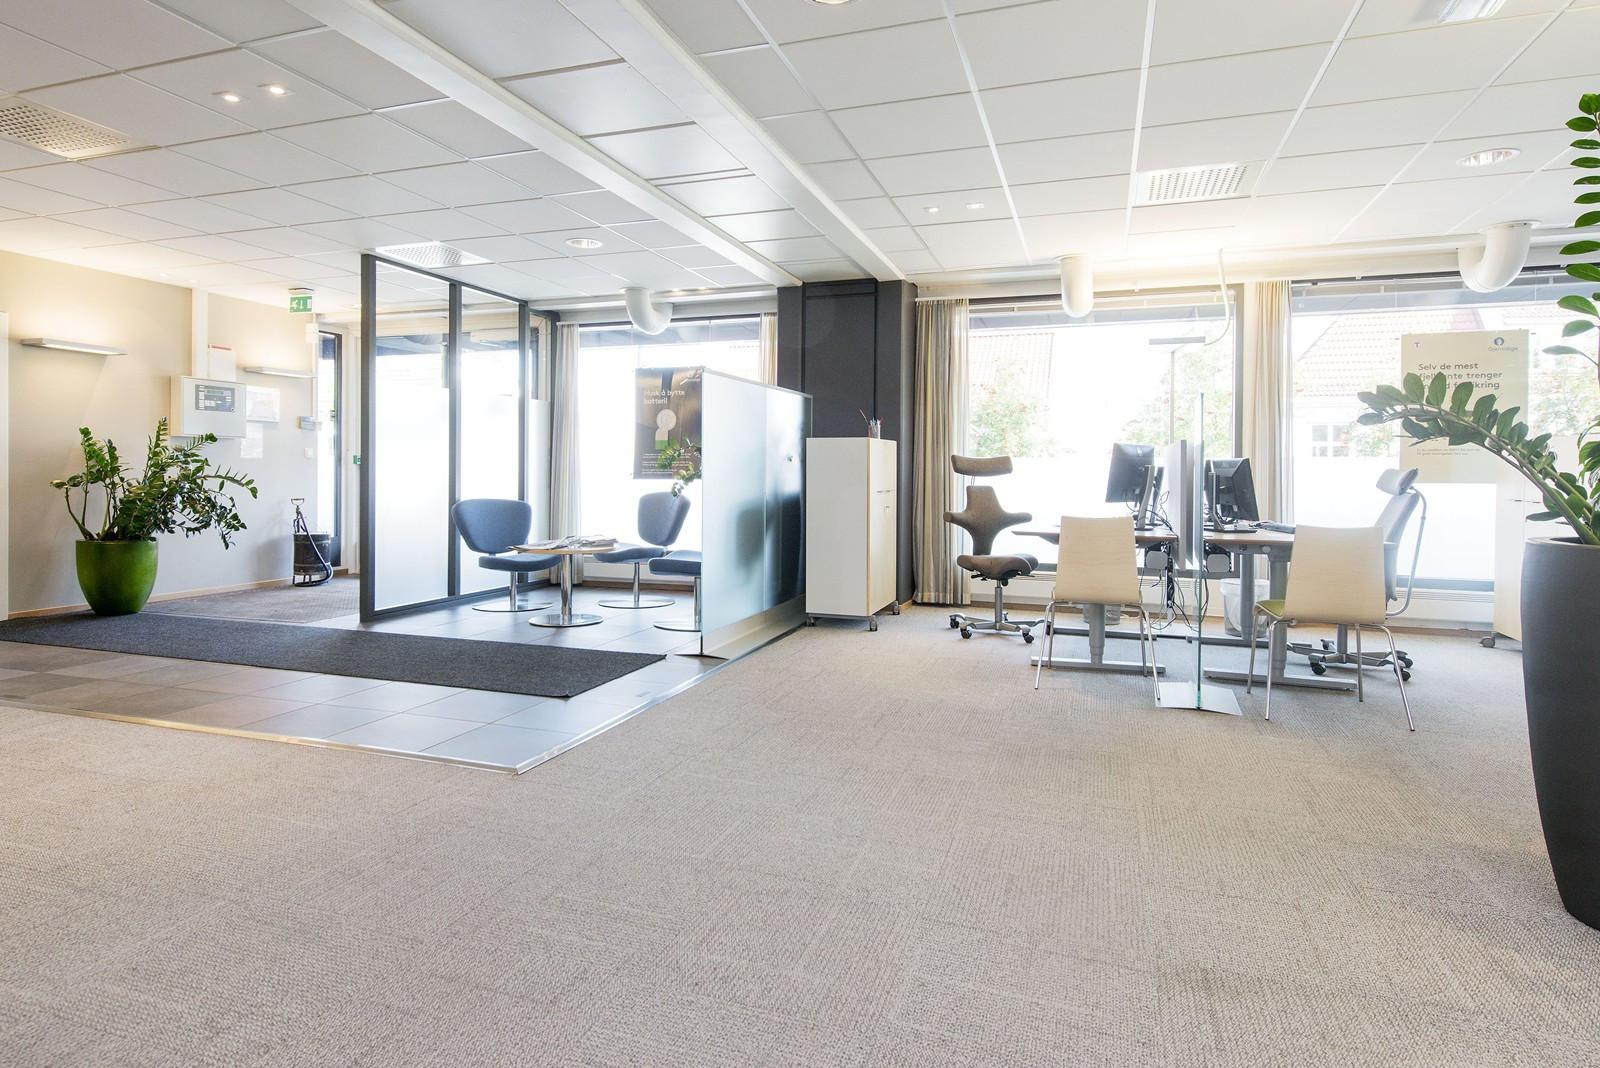 Storgata 11 - kontorlokale ledig for innflytting